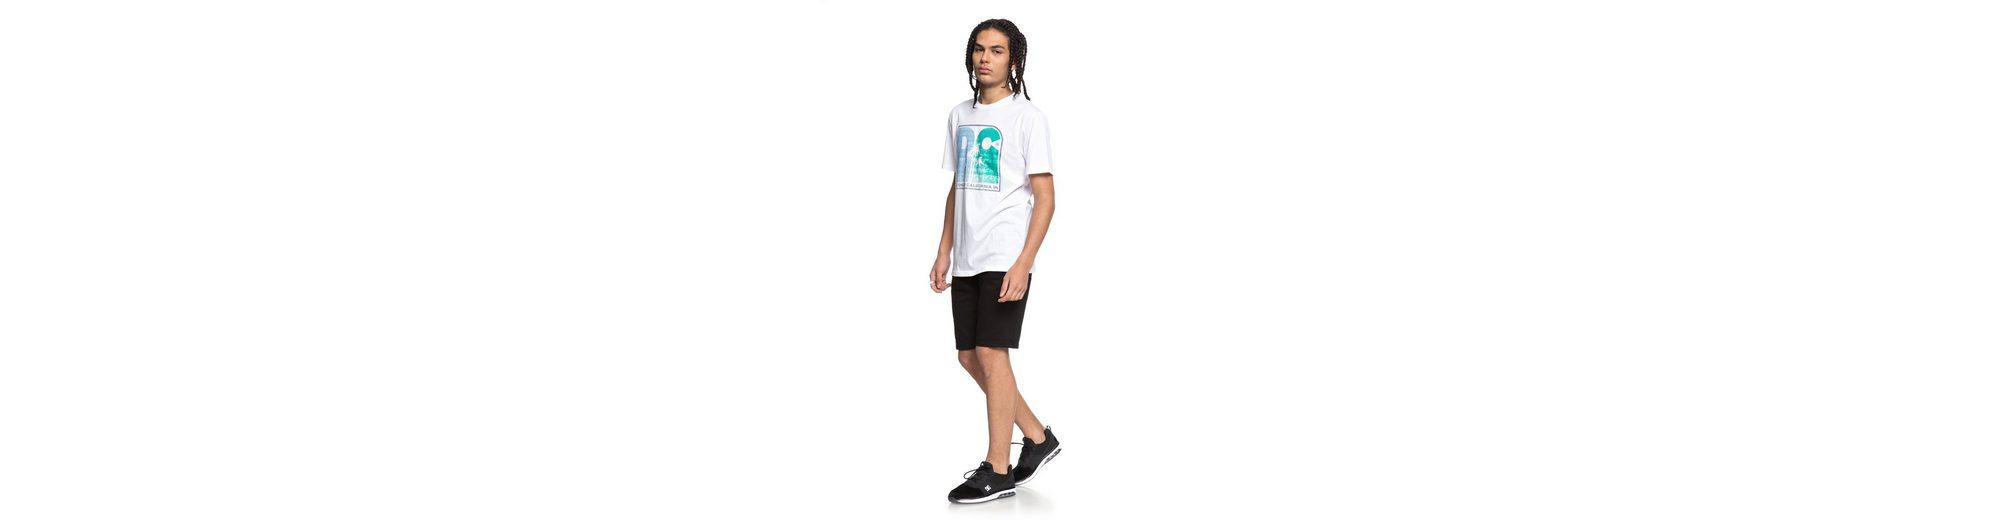 DC Shoes T-Shirt Sunset Palms Billig Authentisch Kosten Günstig Online Kaufen Online-Outlet exPt7qvp8h